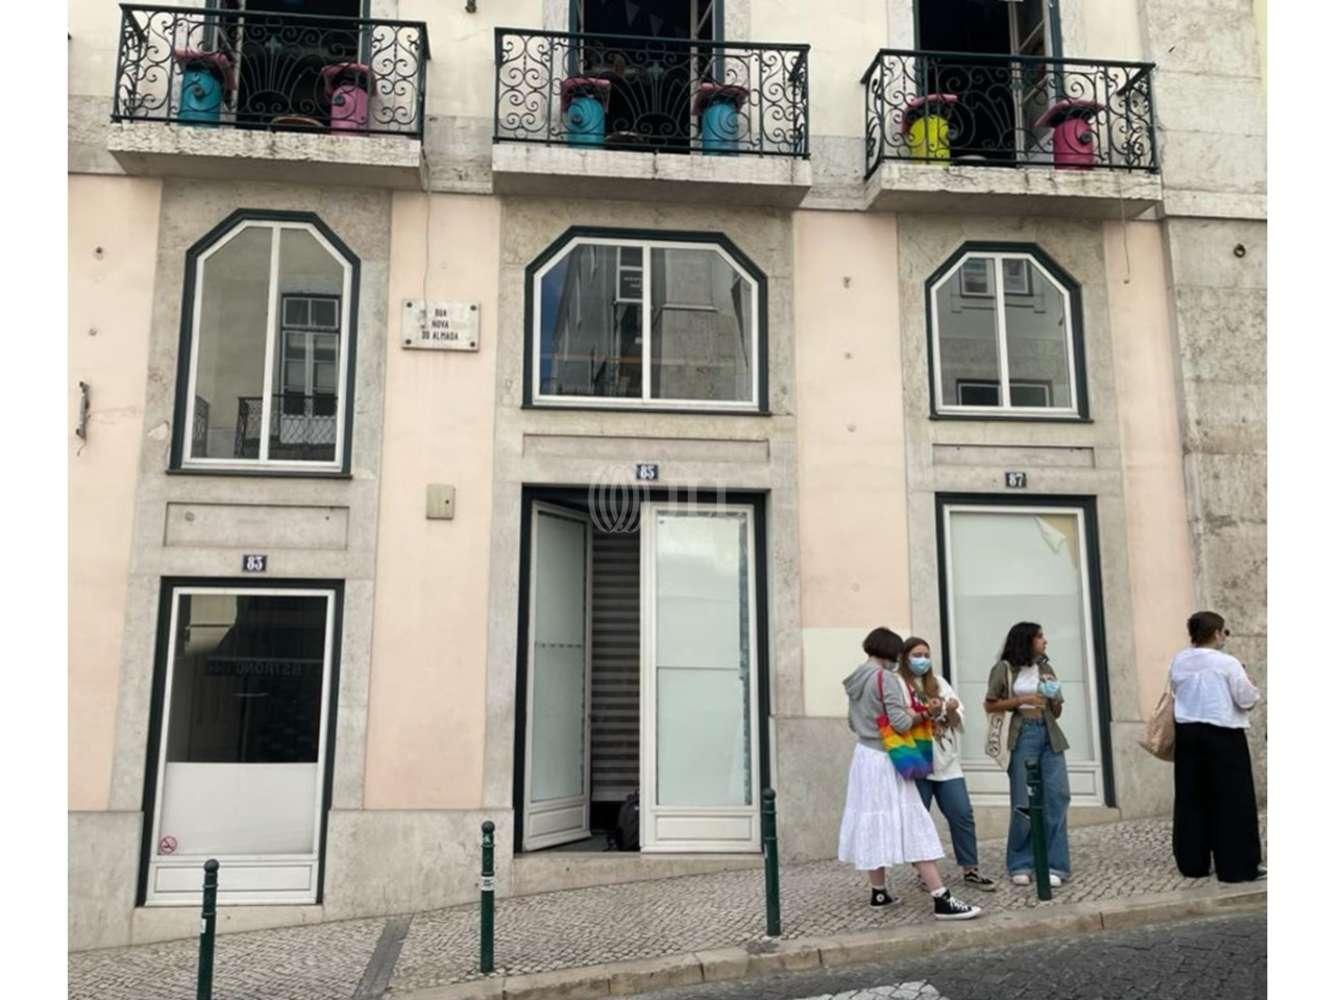 Loja Lisboa,  - Loja Baixa/Chiado_Rua Nova do Almada 85